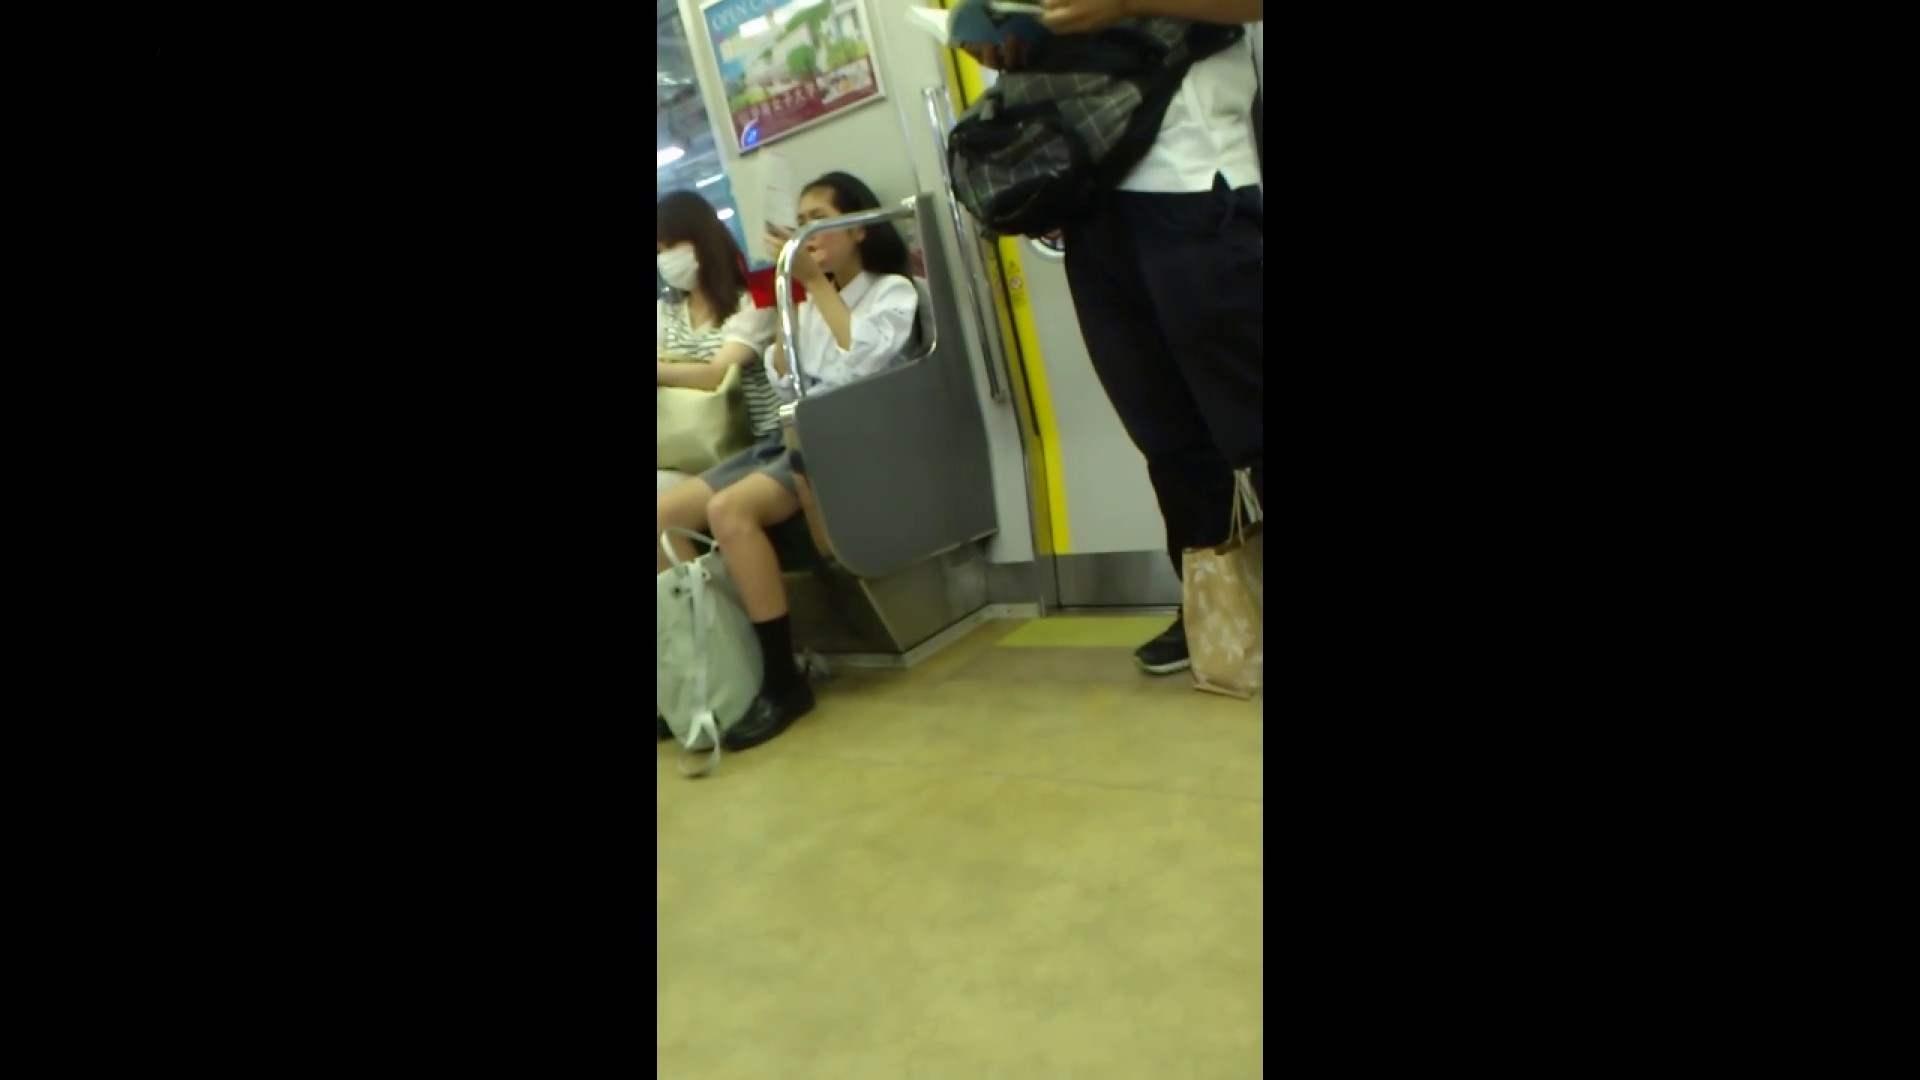 盗撮列車 vol.05 制月反のスカートの中が…見たいです。 グループエッチ | パンチラ・ギャル 盗撮 64画像 12